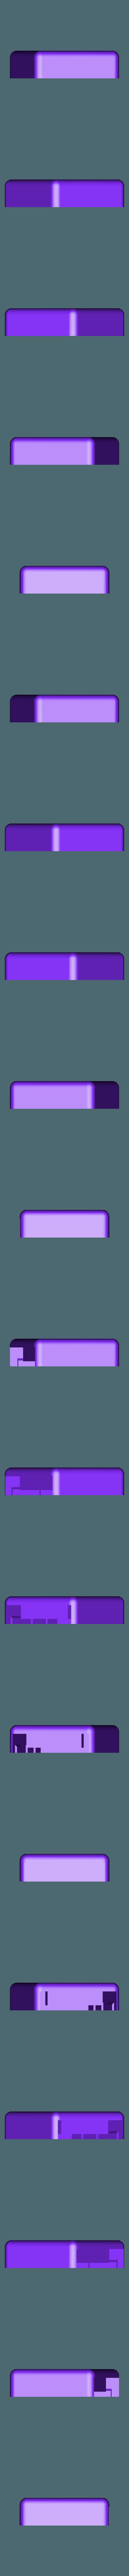 Cigarette package x5 - Up.STL Télécharger fichier STL gratuit Aboa - Solution pour fumer moins et arrêter le tabac • Plan imprimable en 3D, jeromeelie